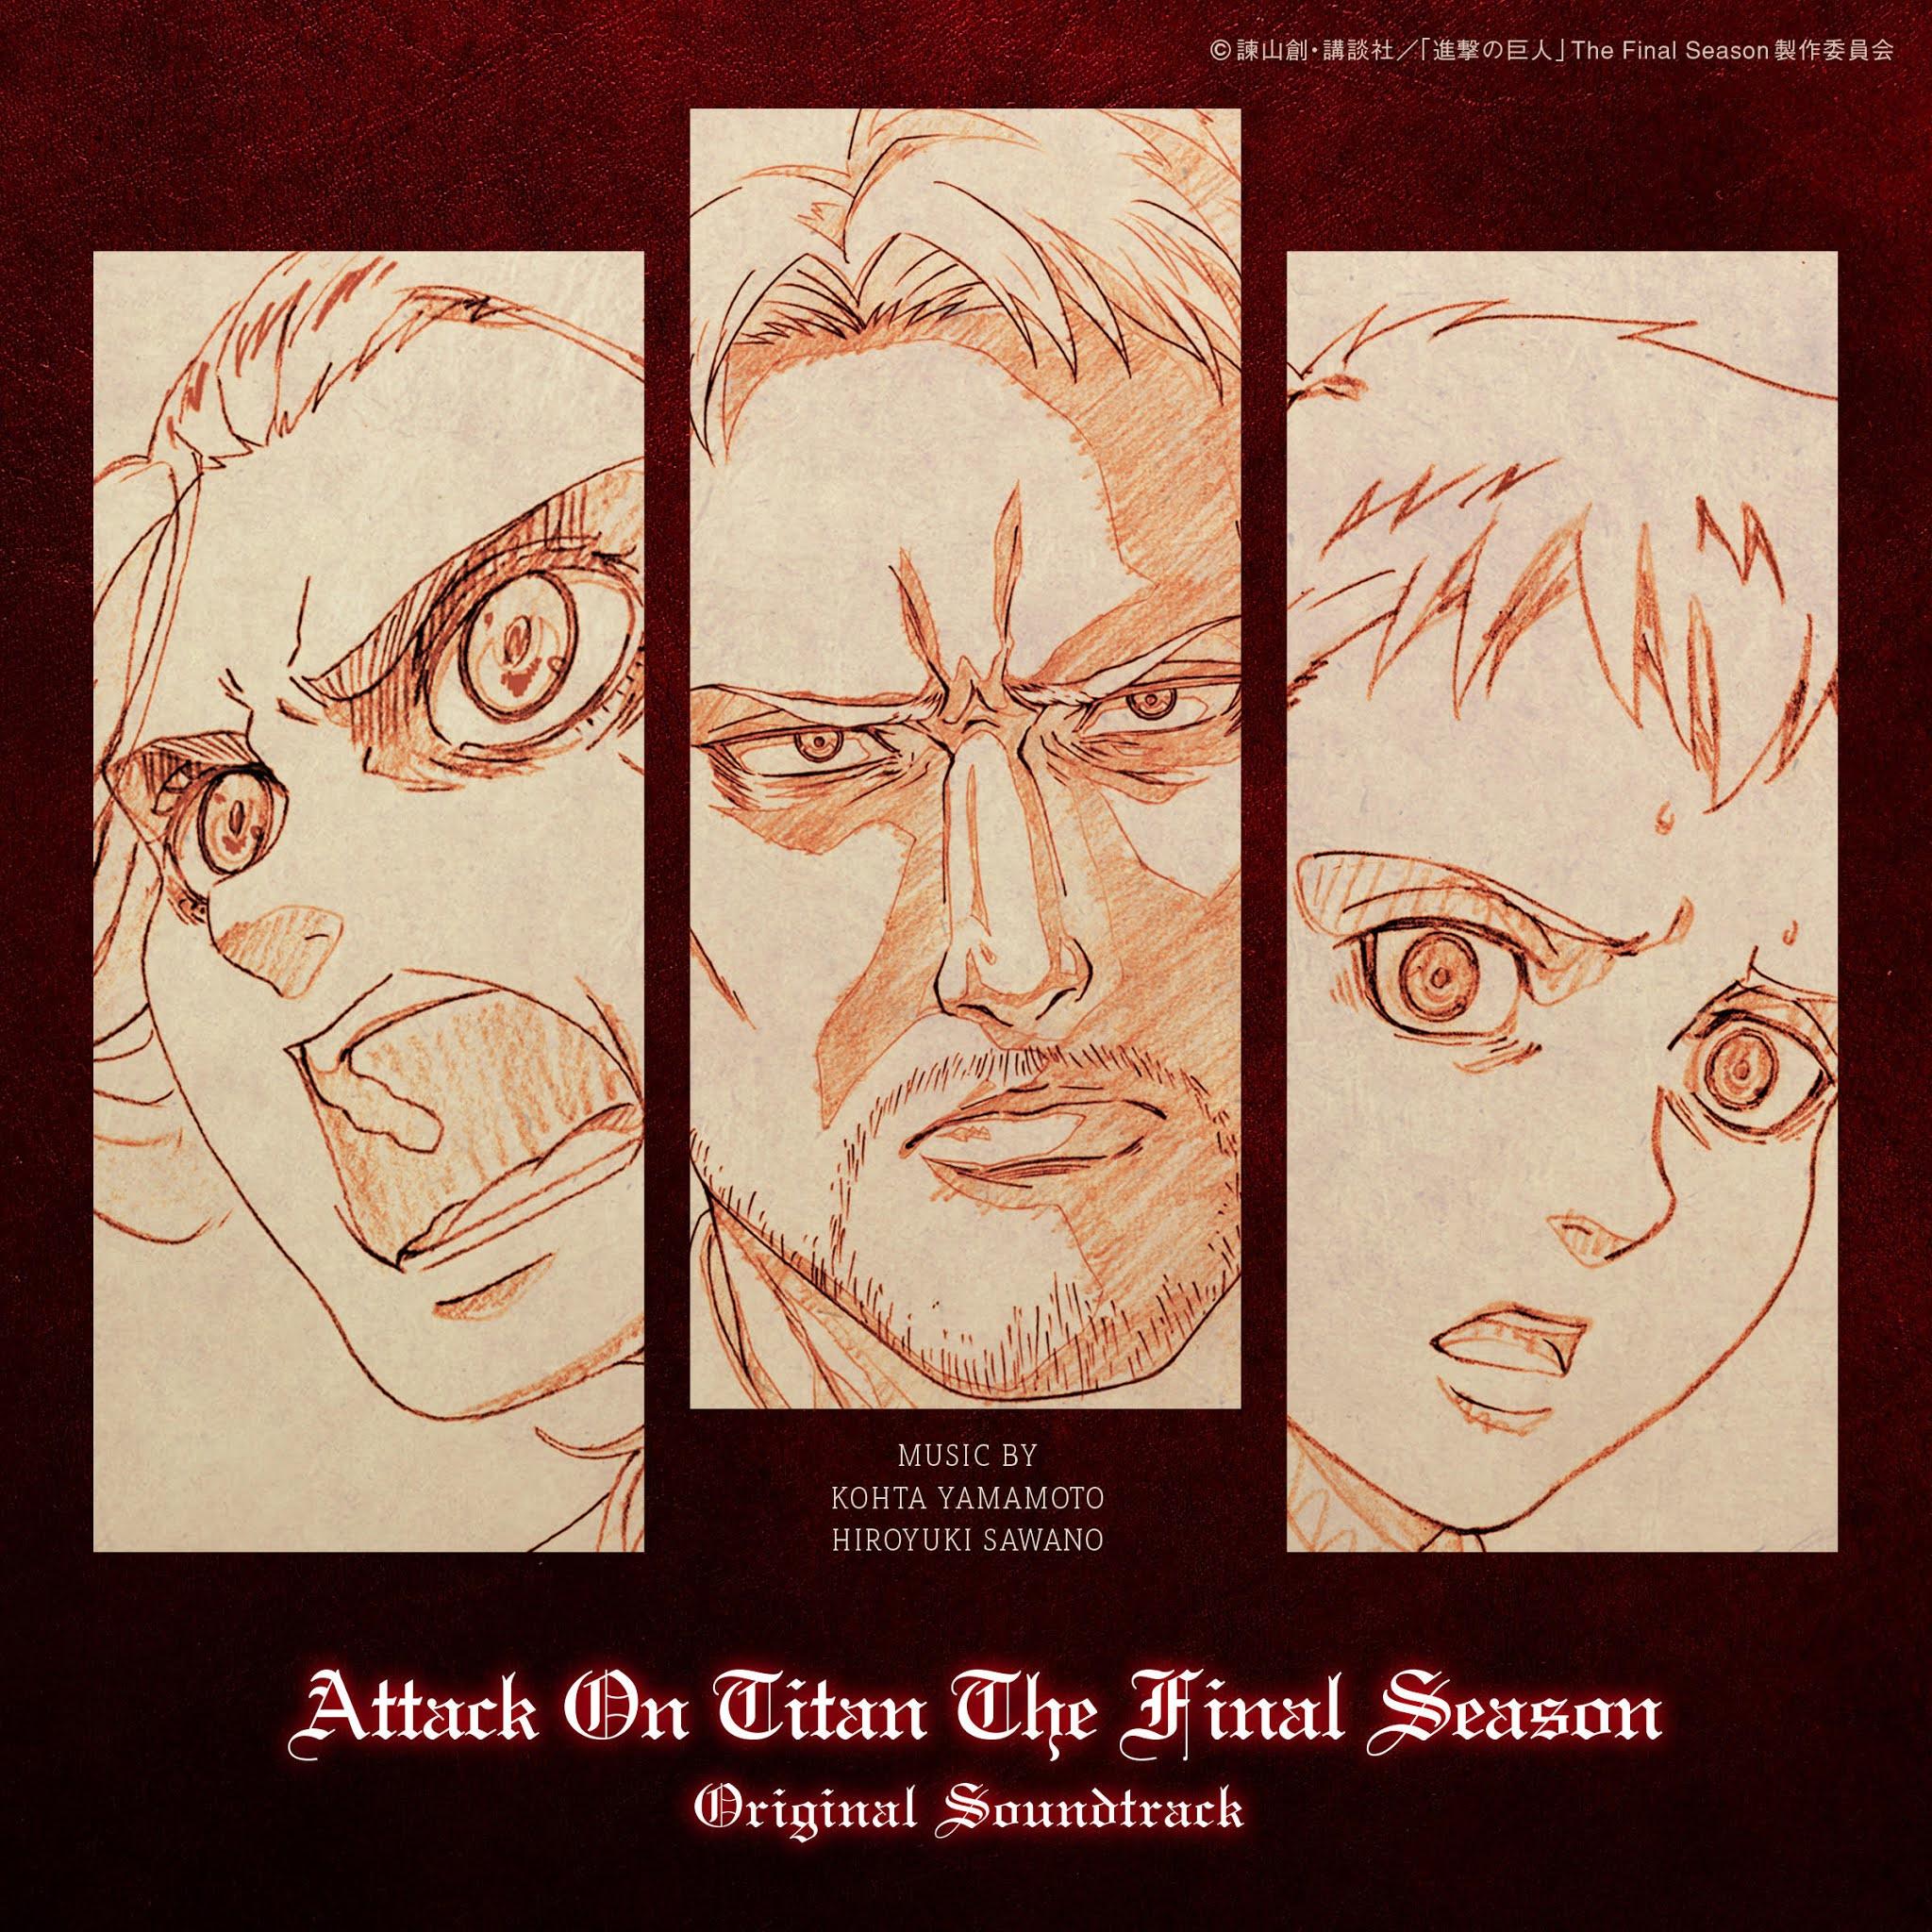 進撃の巨人 The Final Season オリジナルサウンドトラック